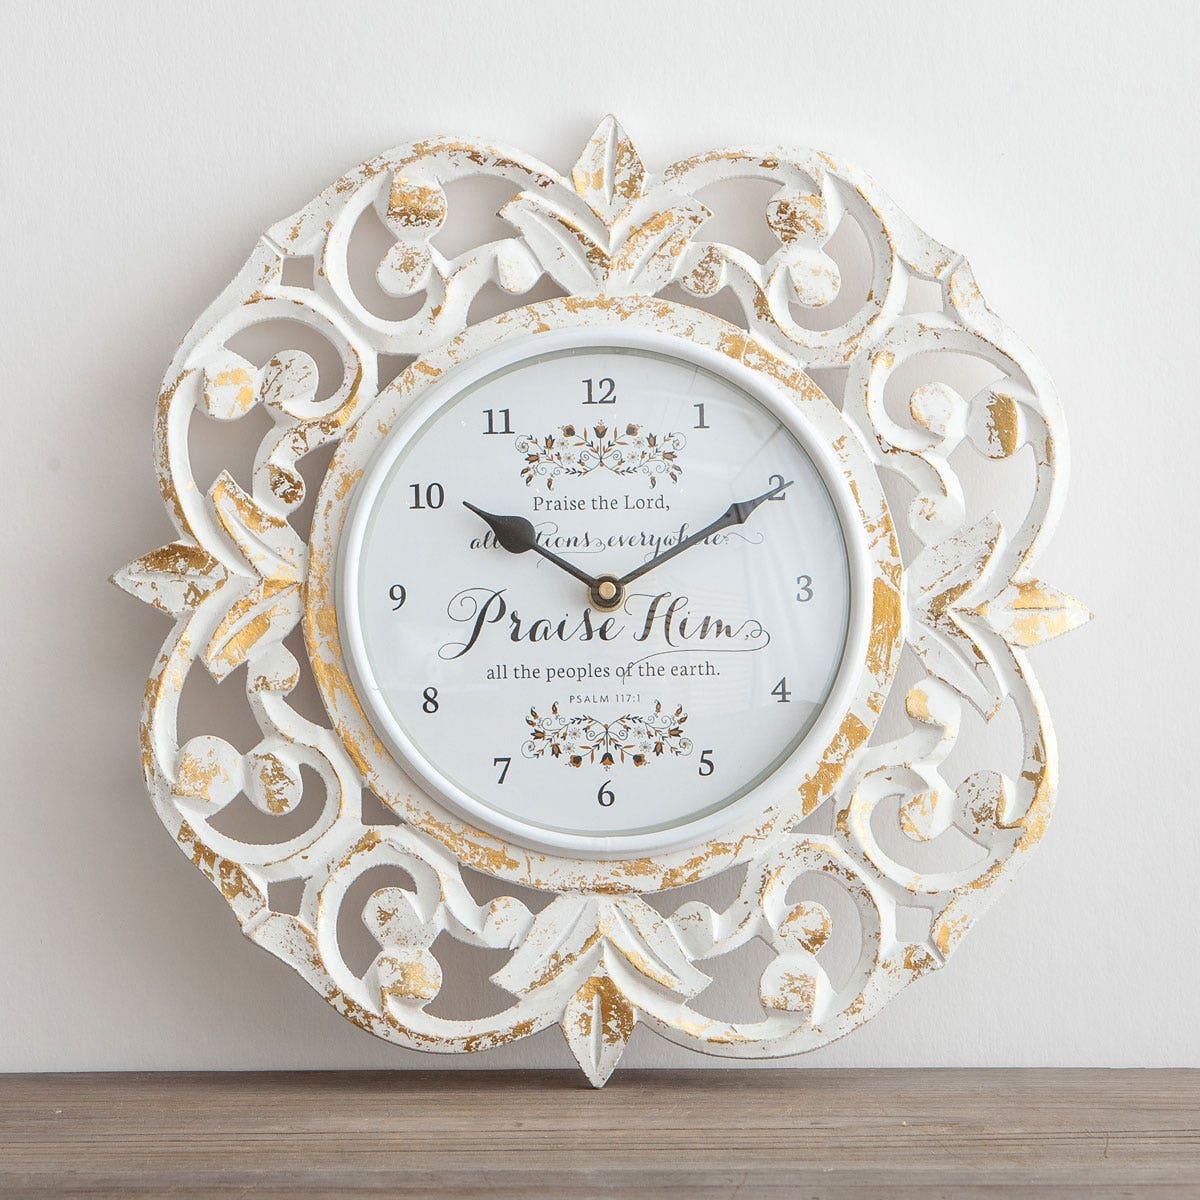 Praise Him - Wooden Clock